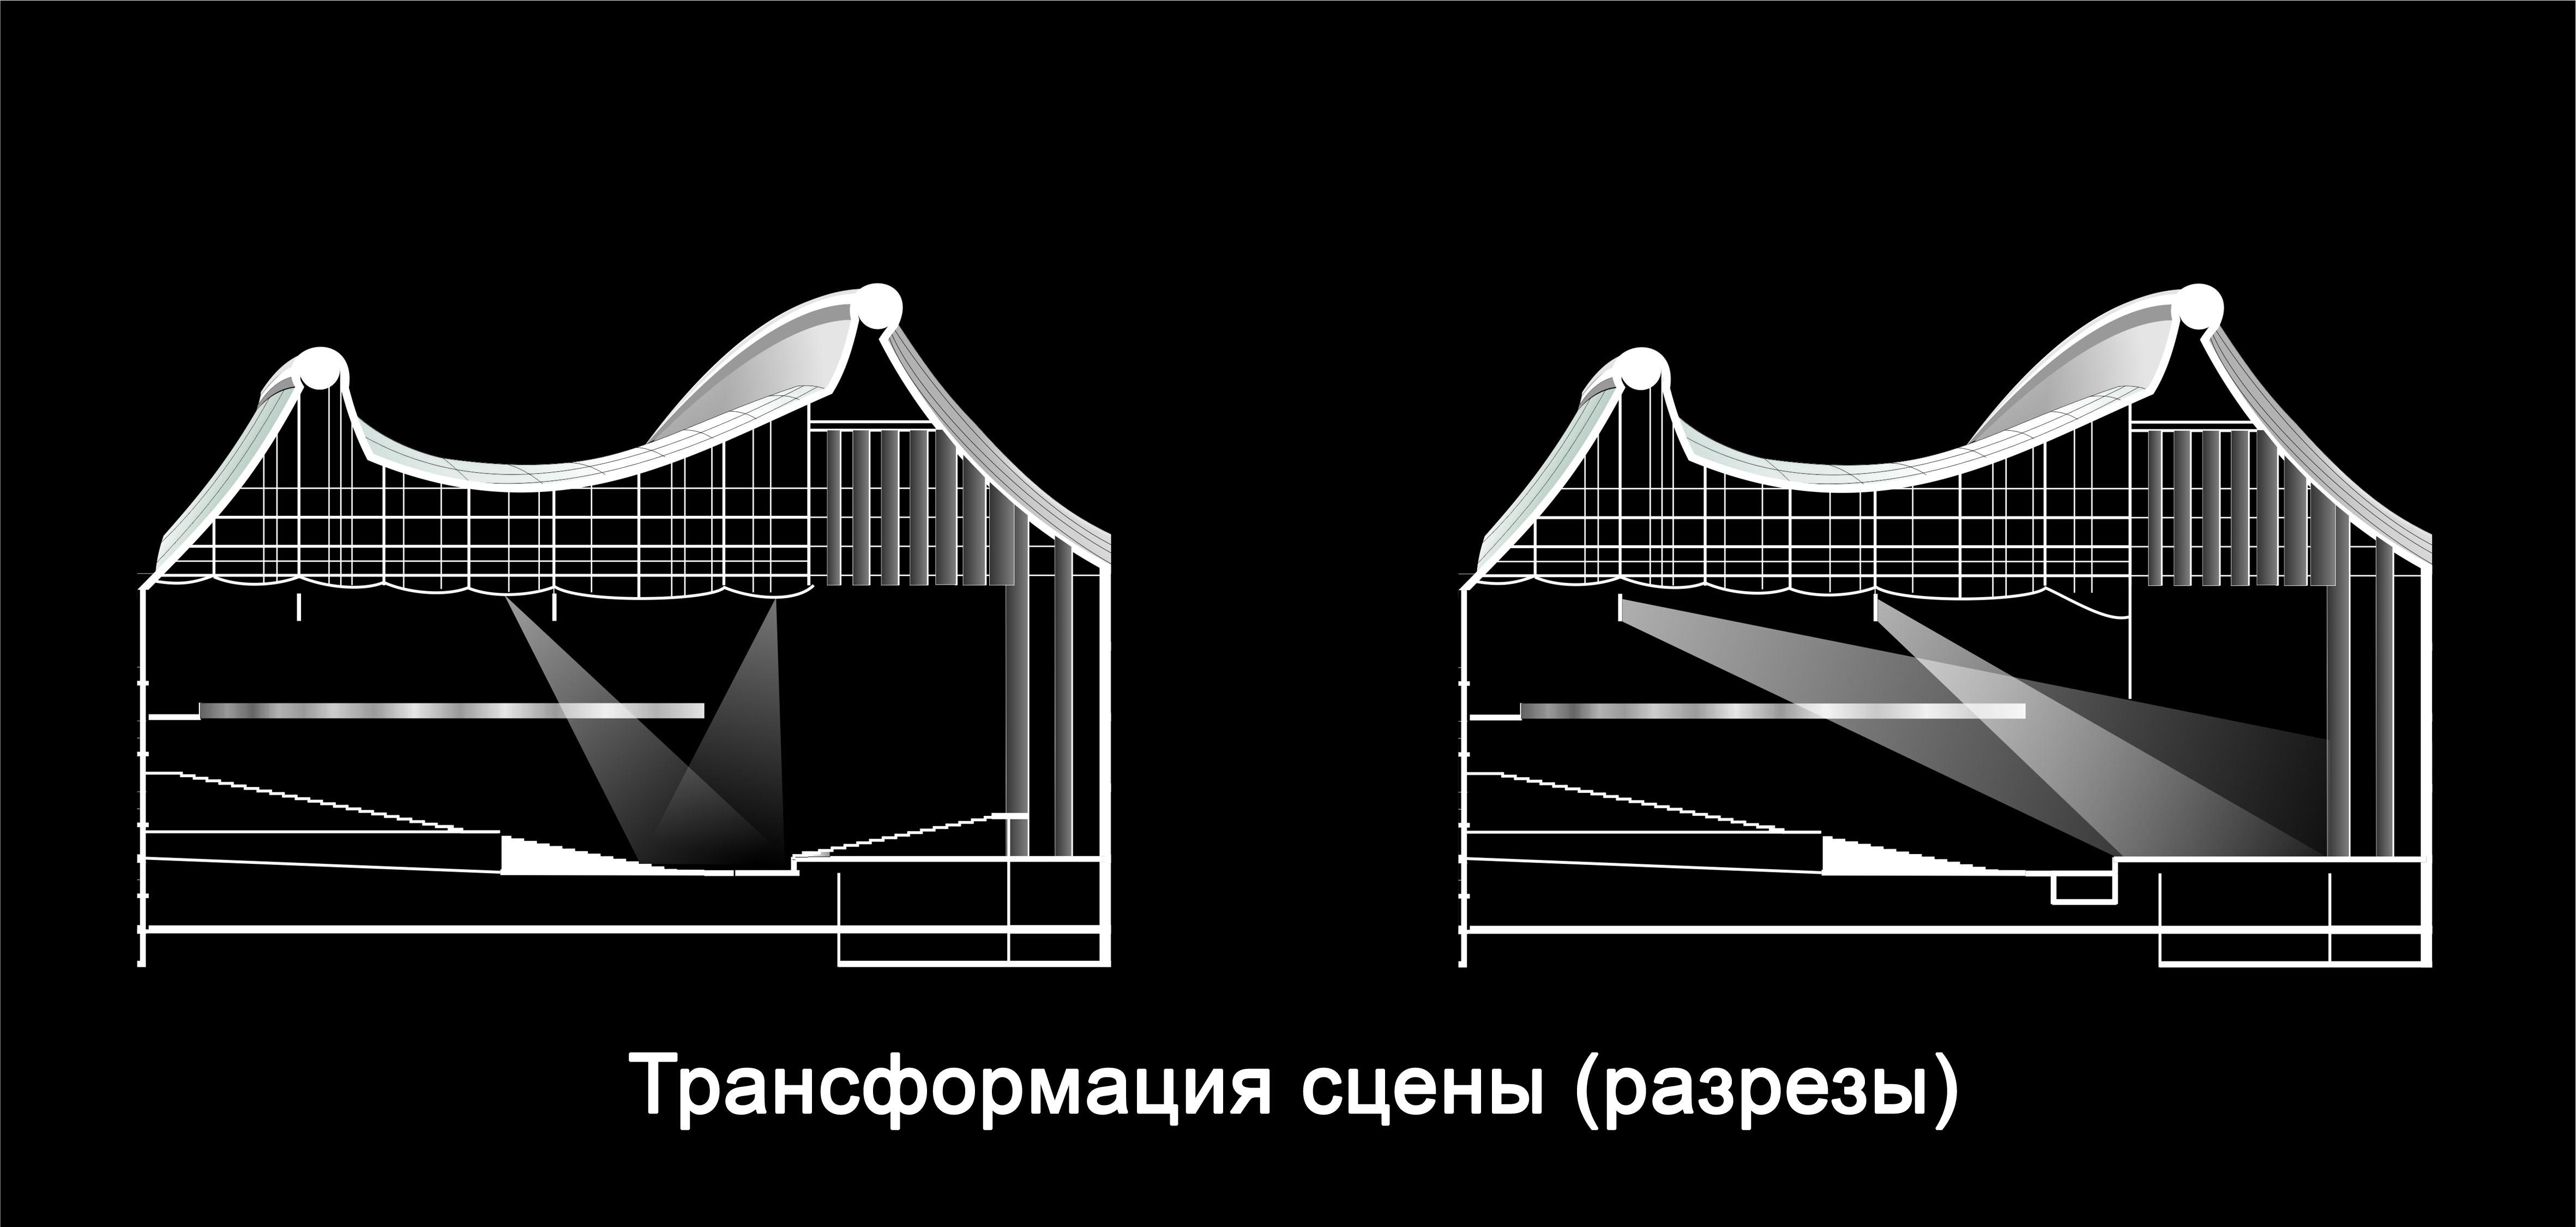 Разработка архитектурной концепции театра оперы и балета фото f_18752f67c4f717ec.jpg